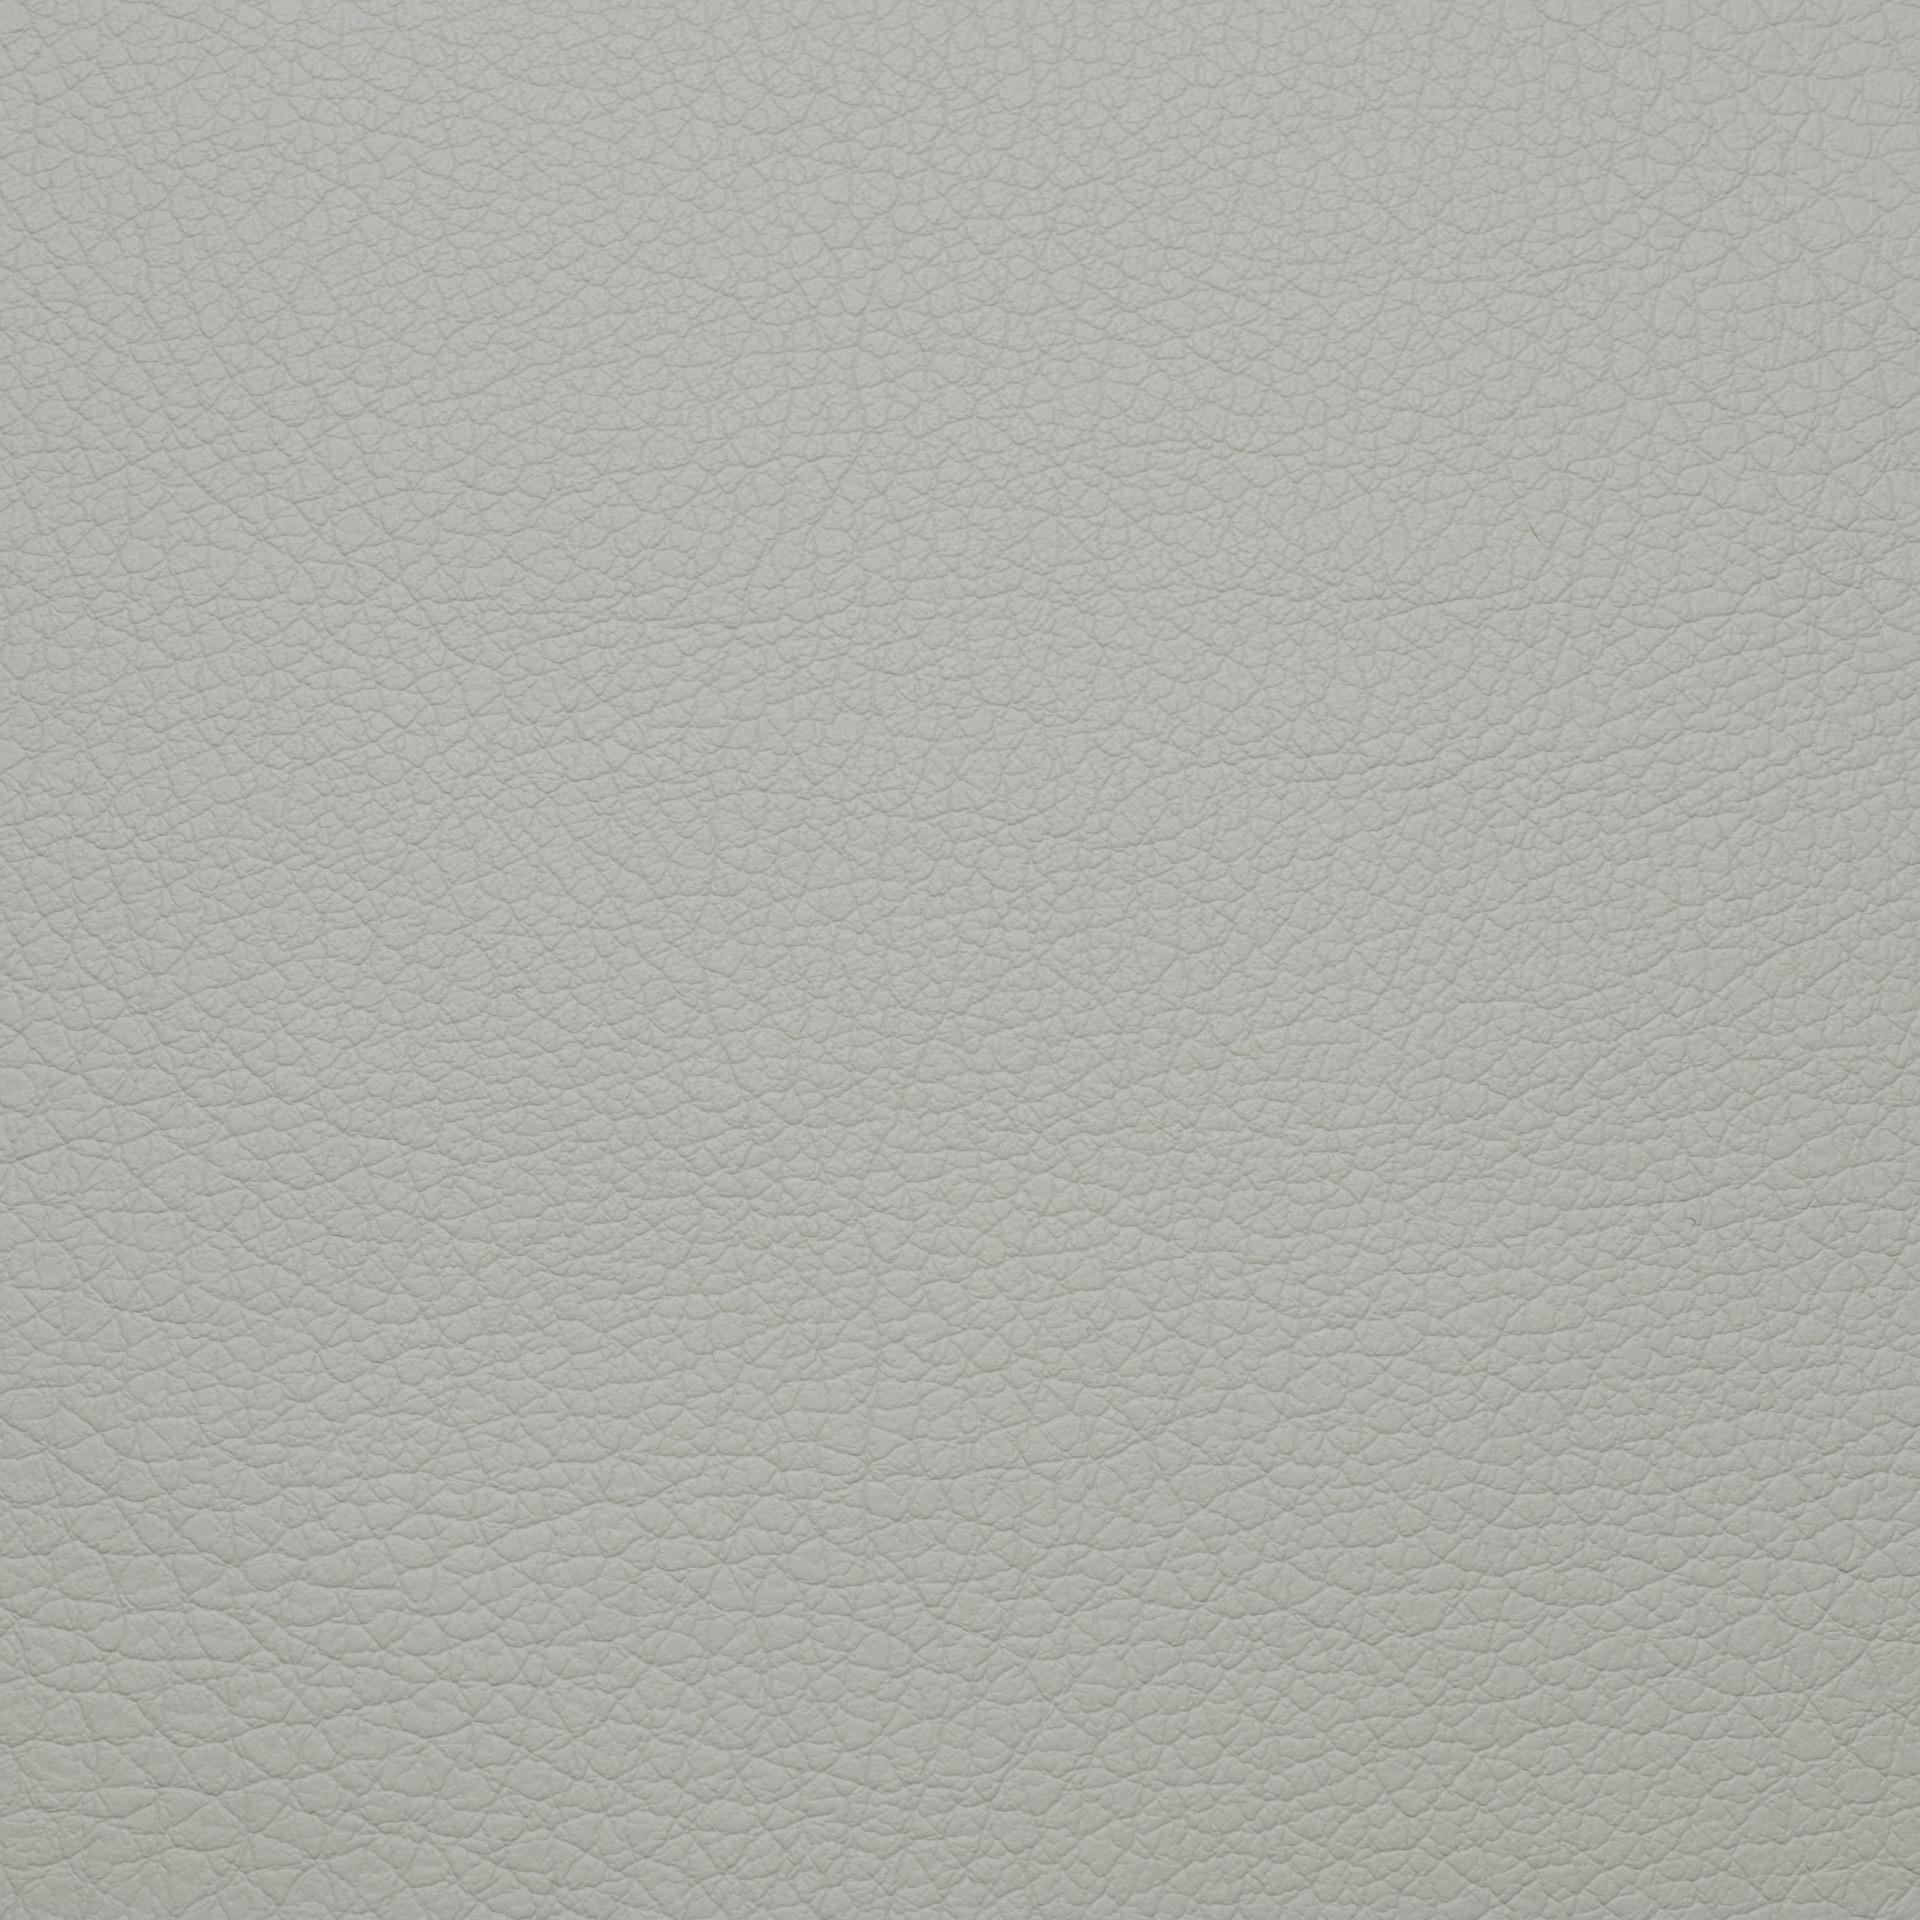 Коллекция ткани Софитель 01 Iseberg,  купить ткань Кож зам для мебели Украина